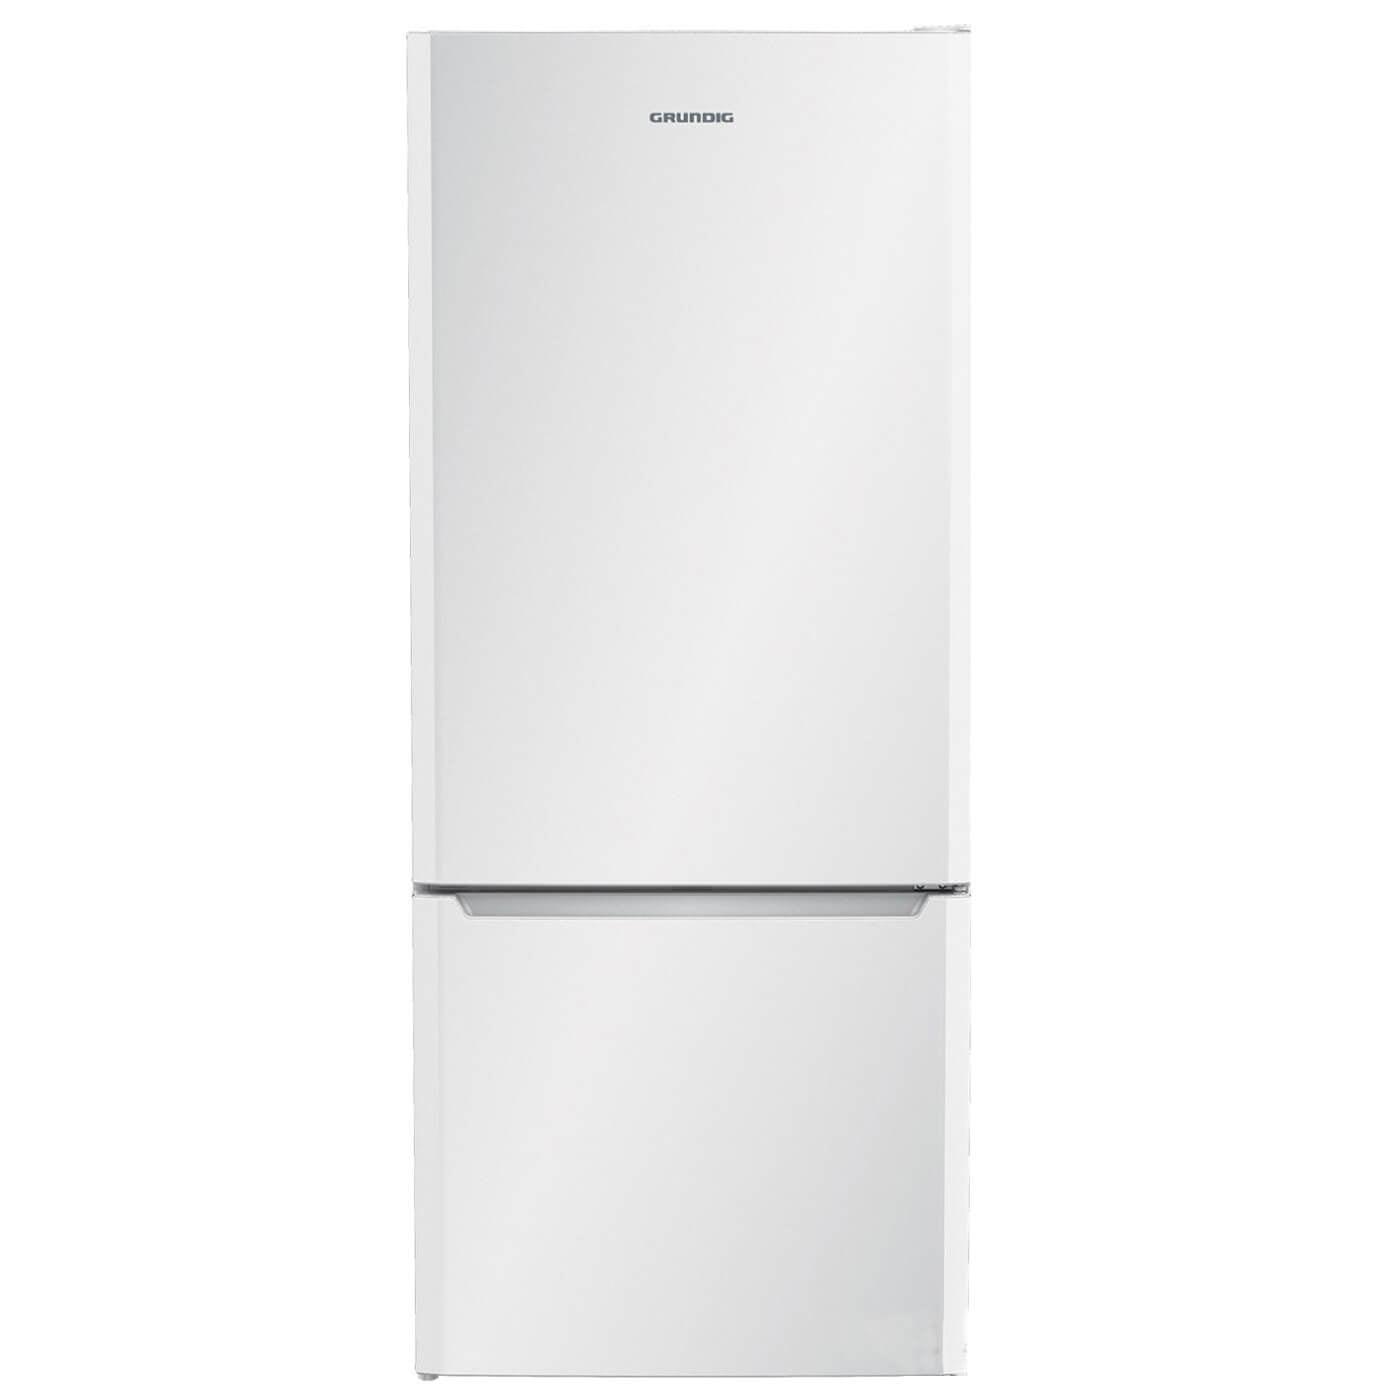 Grundig GKNE 4800 buzdolabi